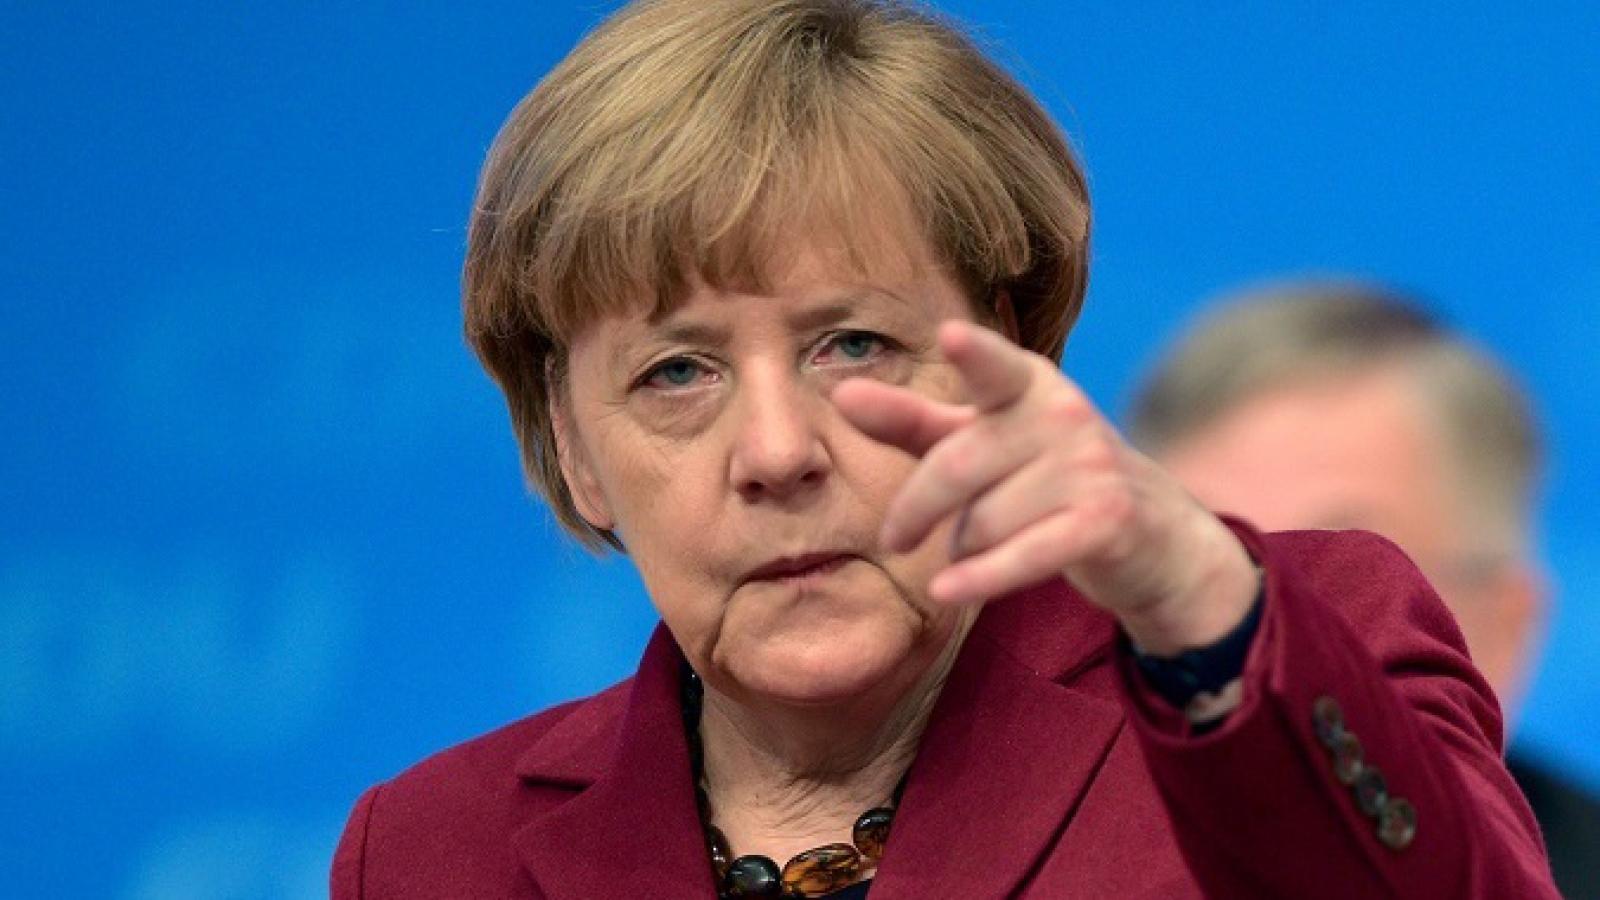 Thủ tướng Đức kêu gọi dân chúng ở lại trong nhà dịp lễ Phục sinh